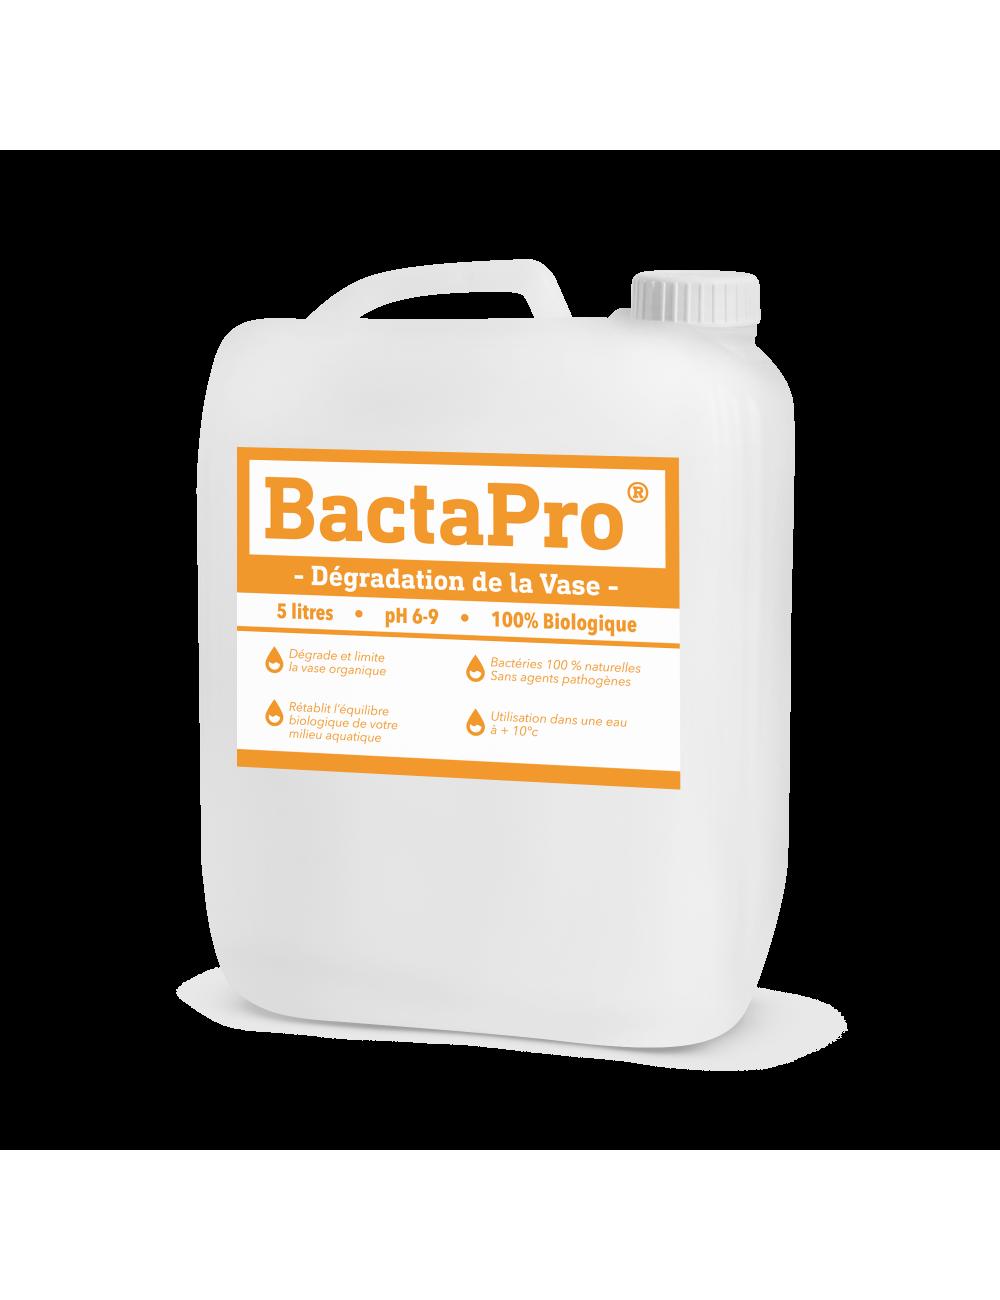 Dégradation de la vase - BactaPro